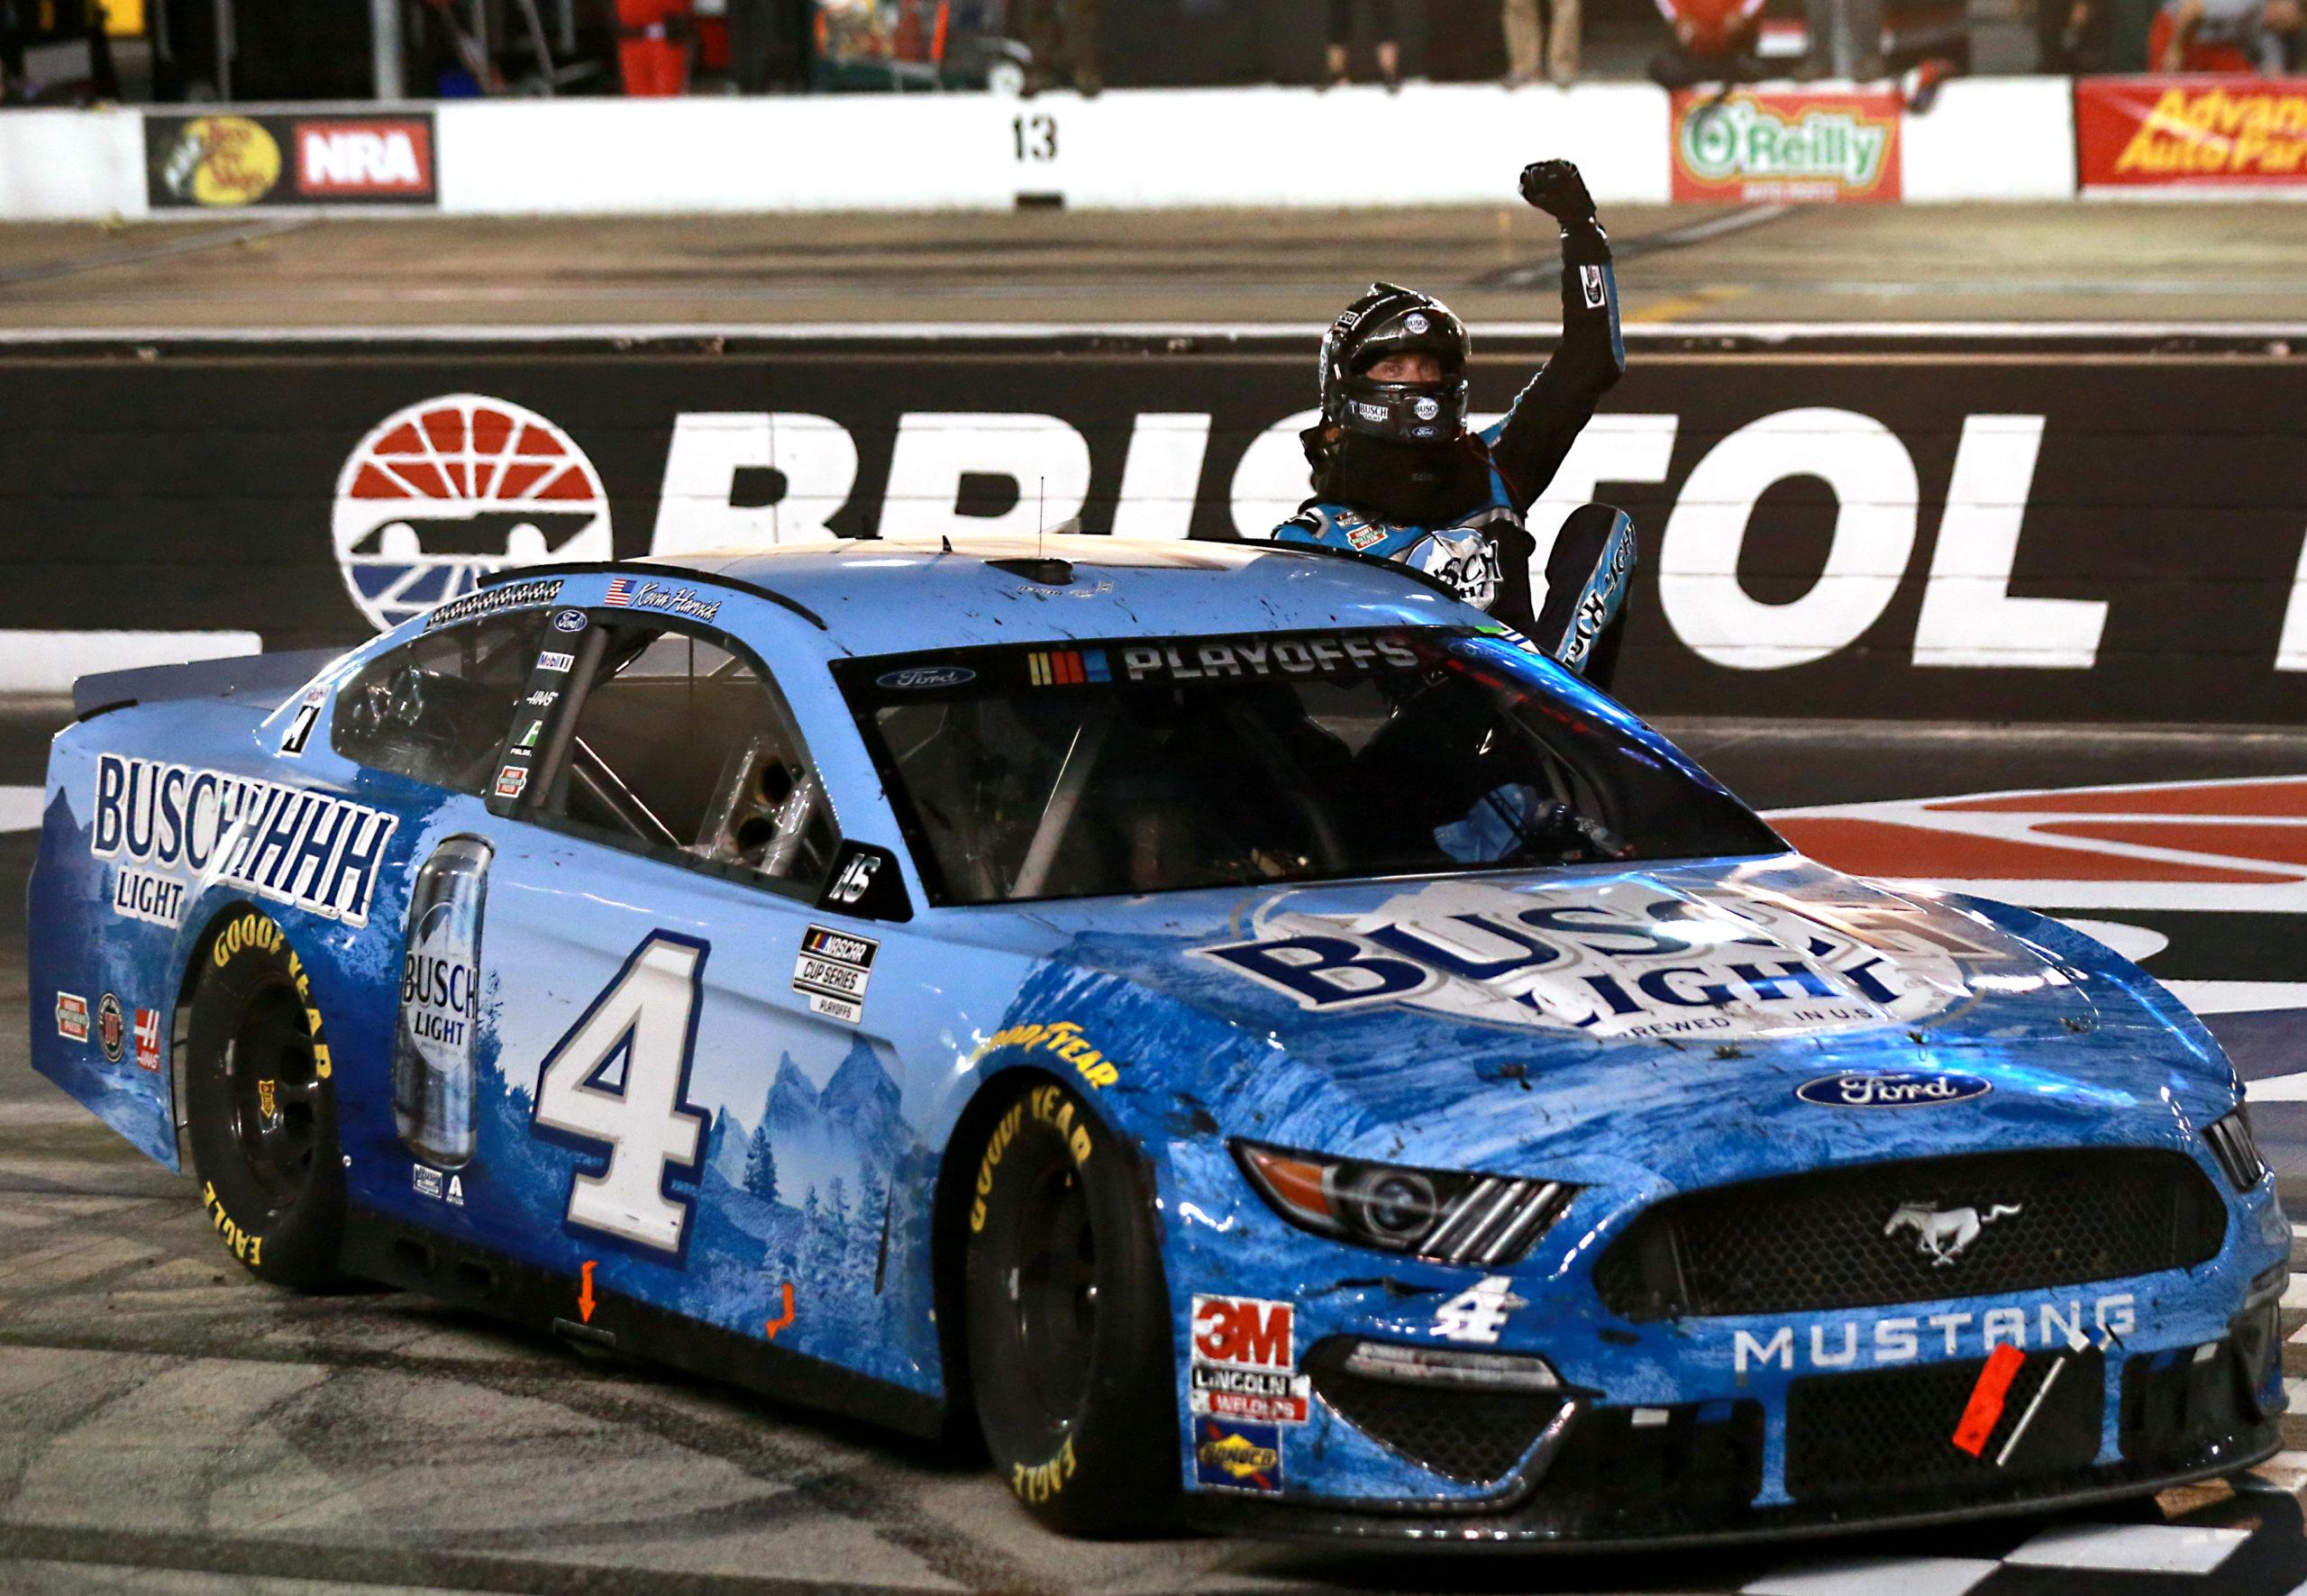 2021 NASCAR Preview: Stewart-Haas Racing